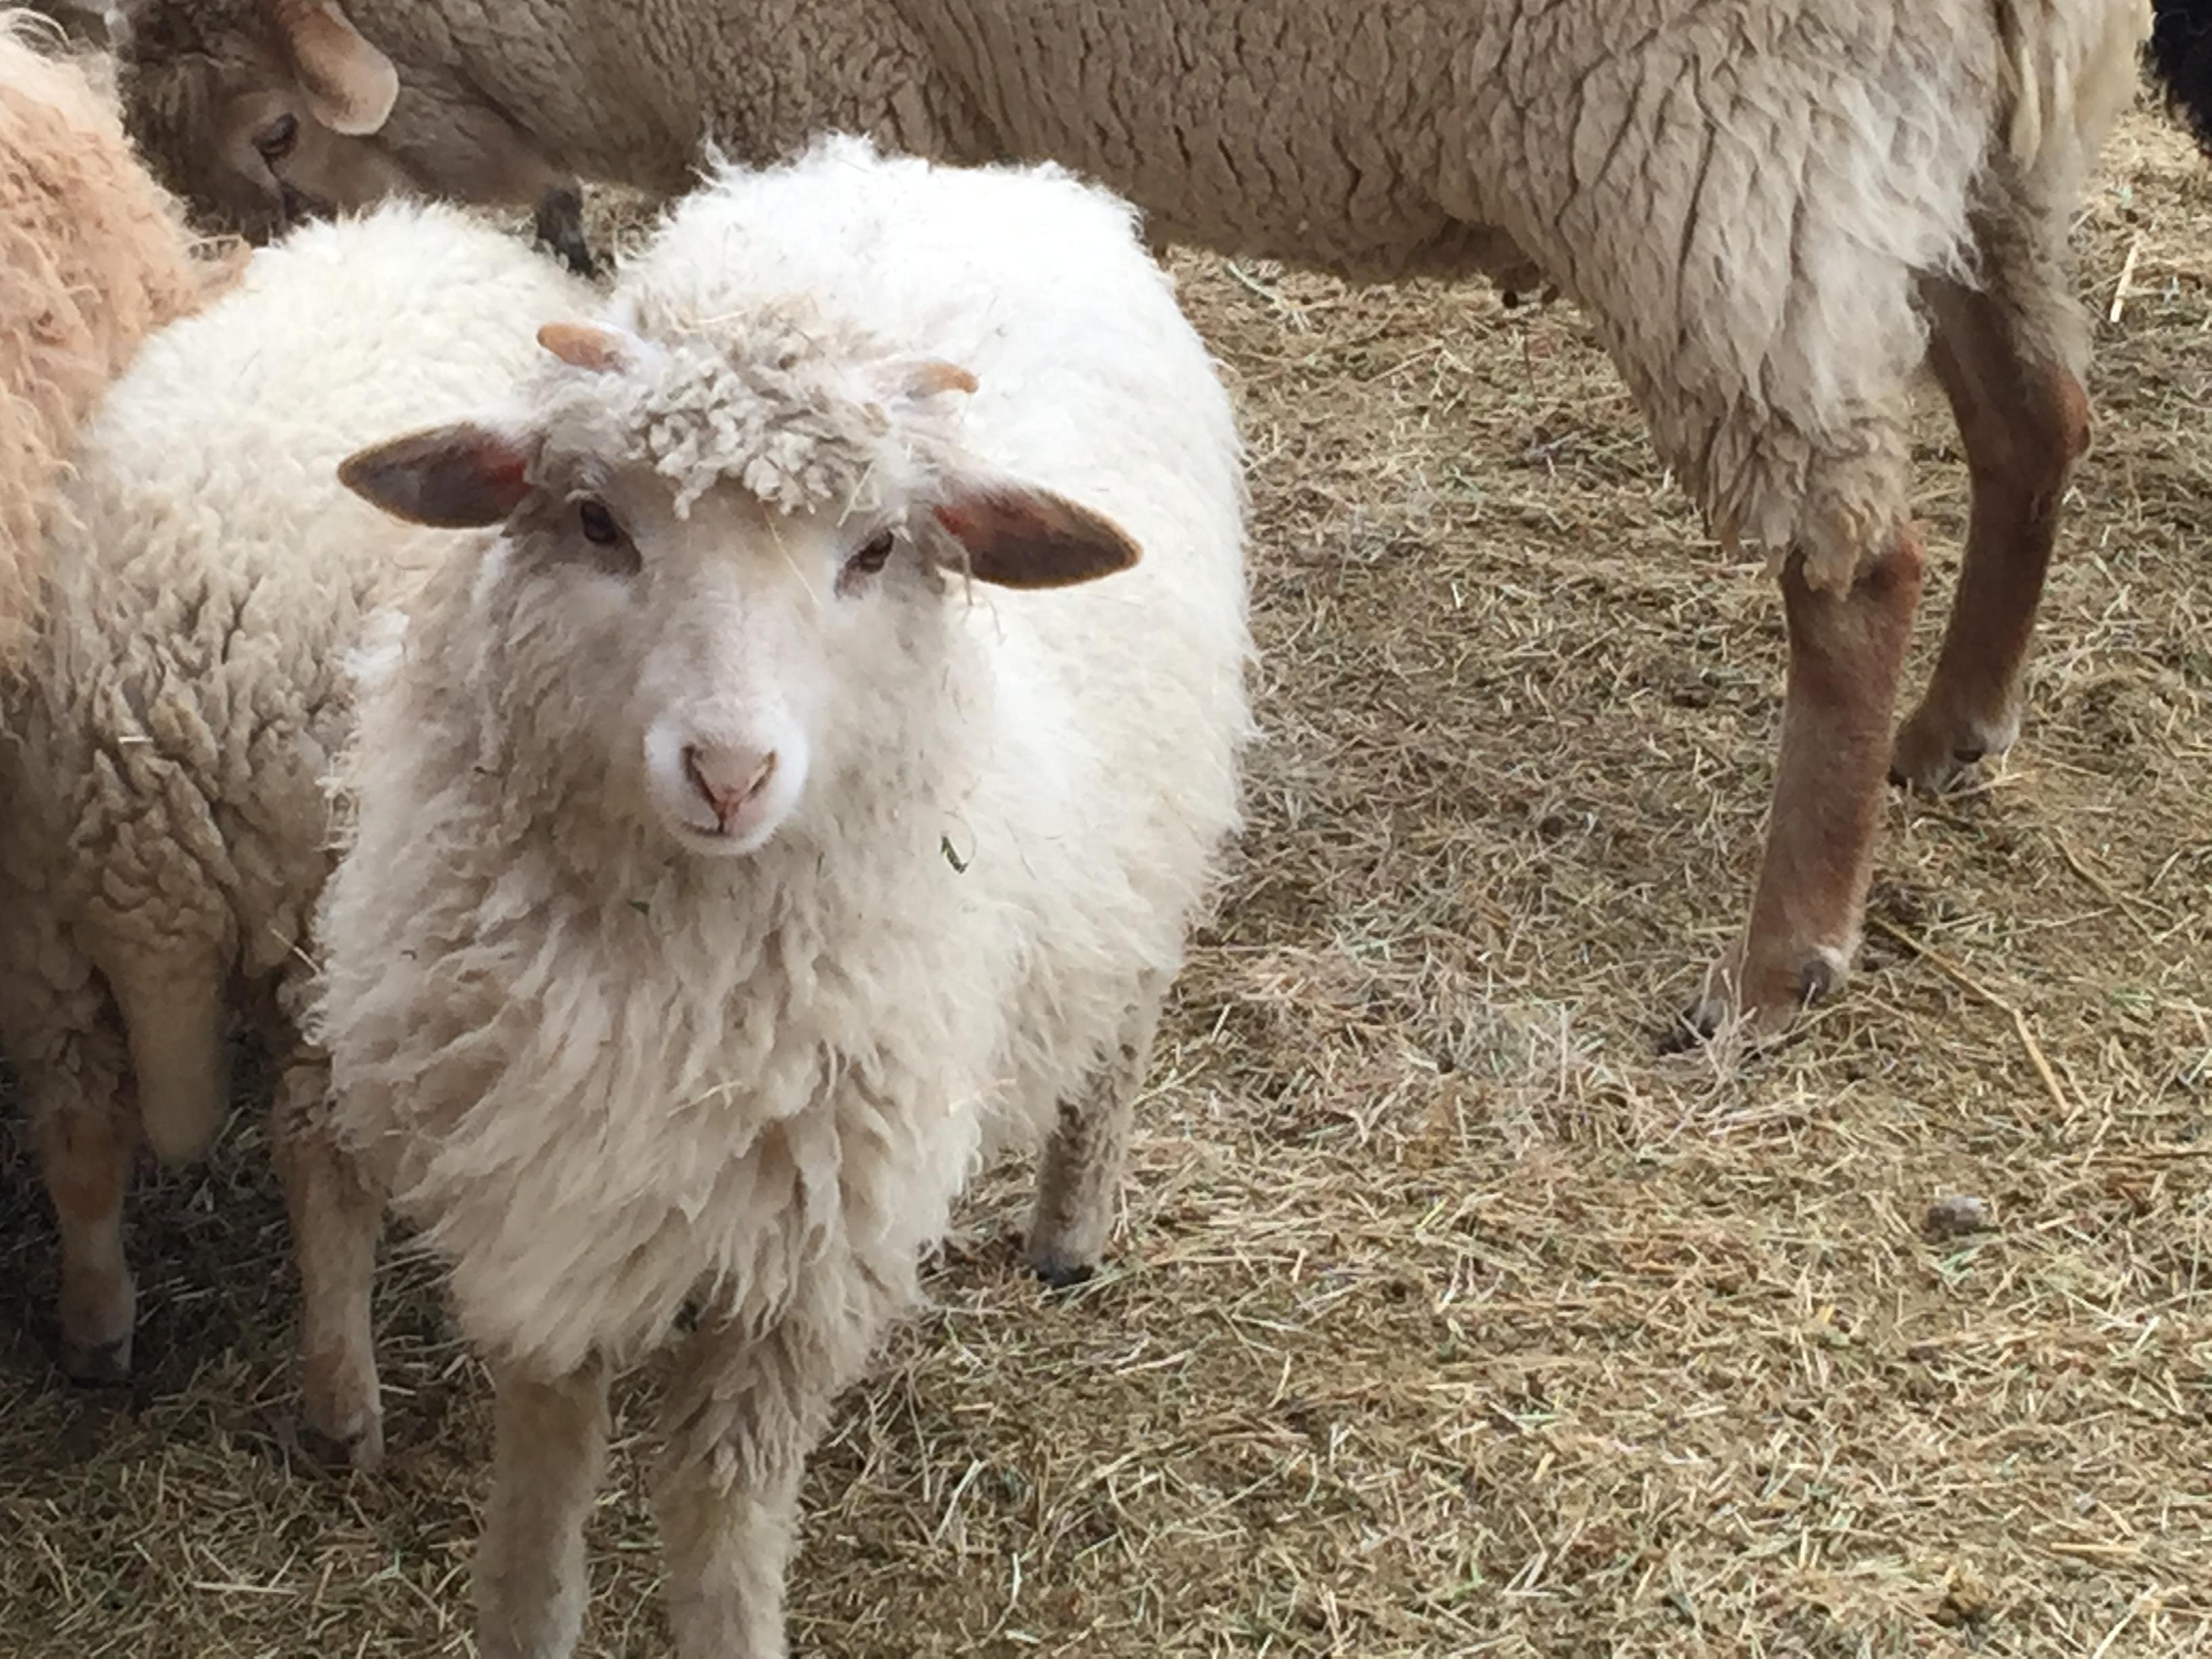 breeds of sheep Navajo Churro sheep